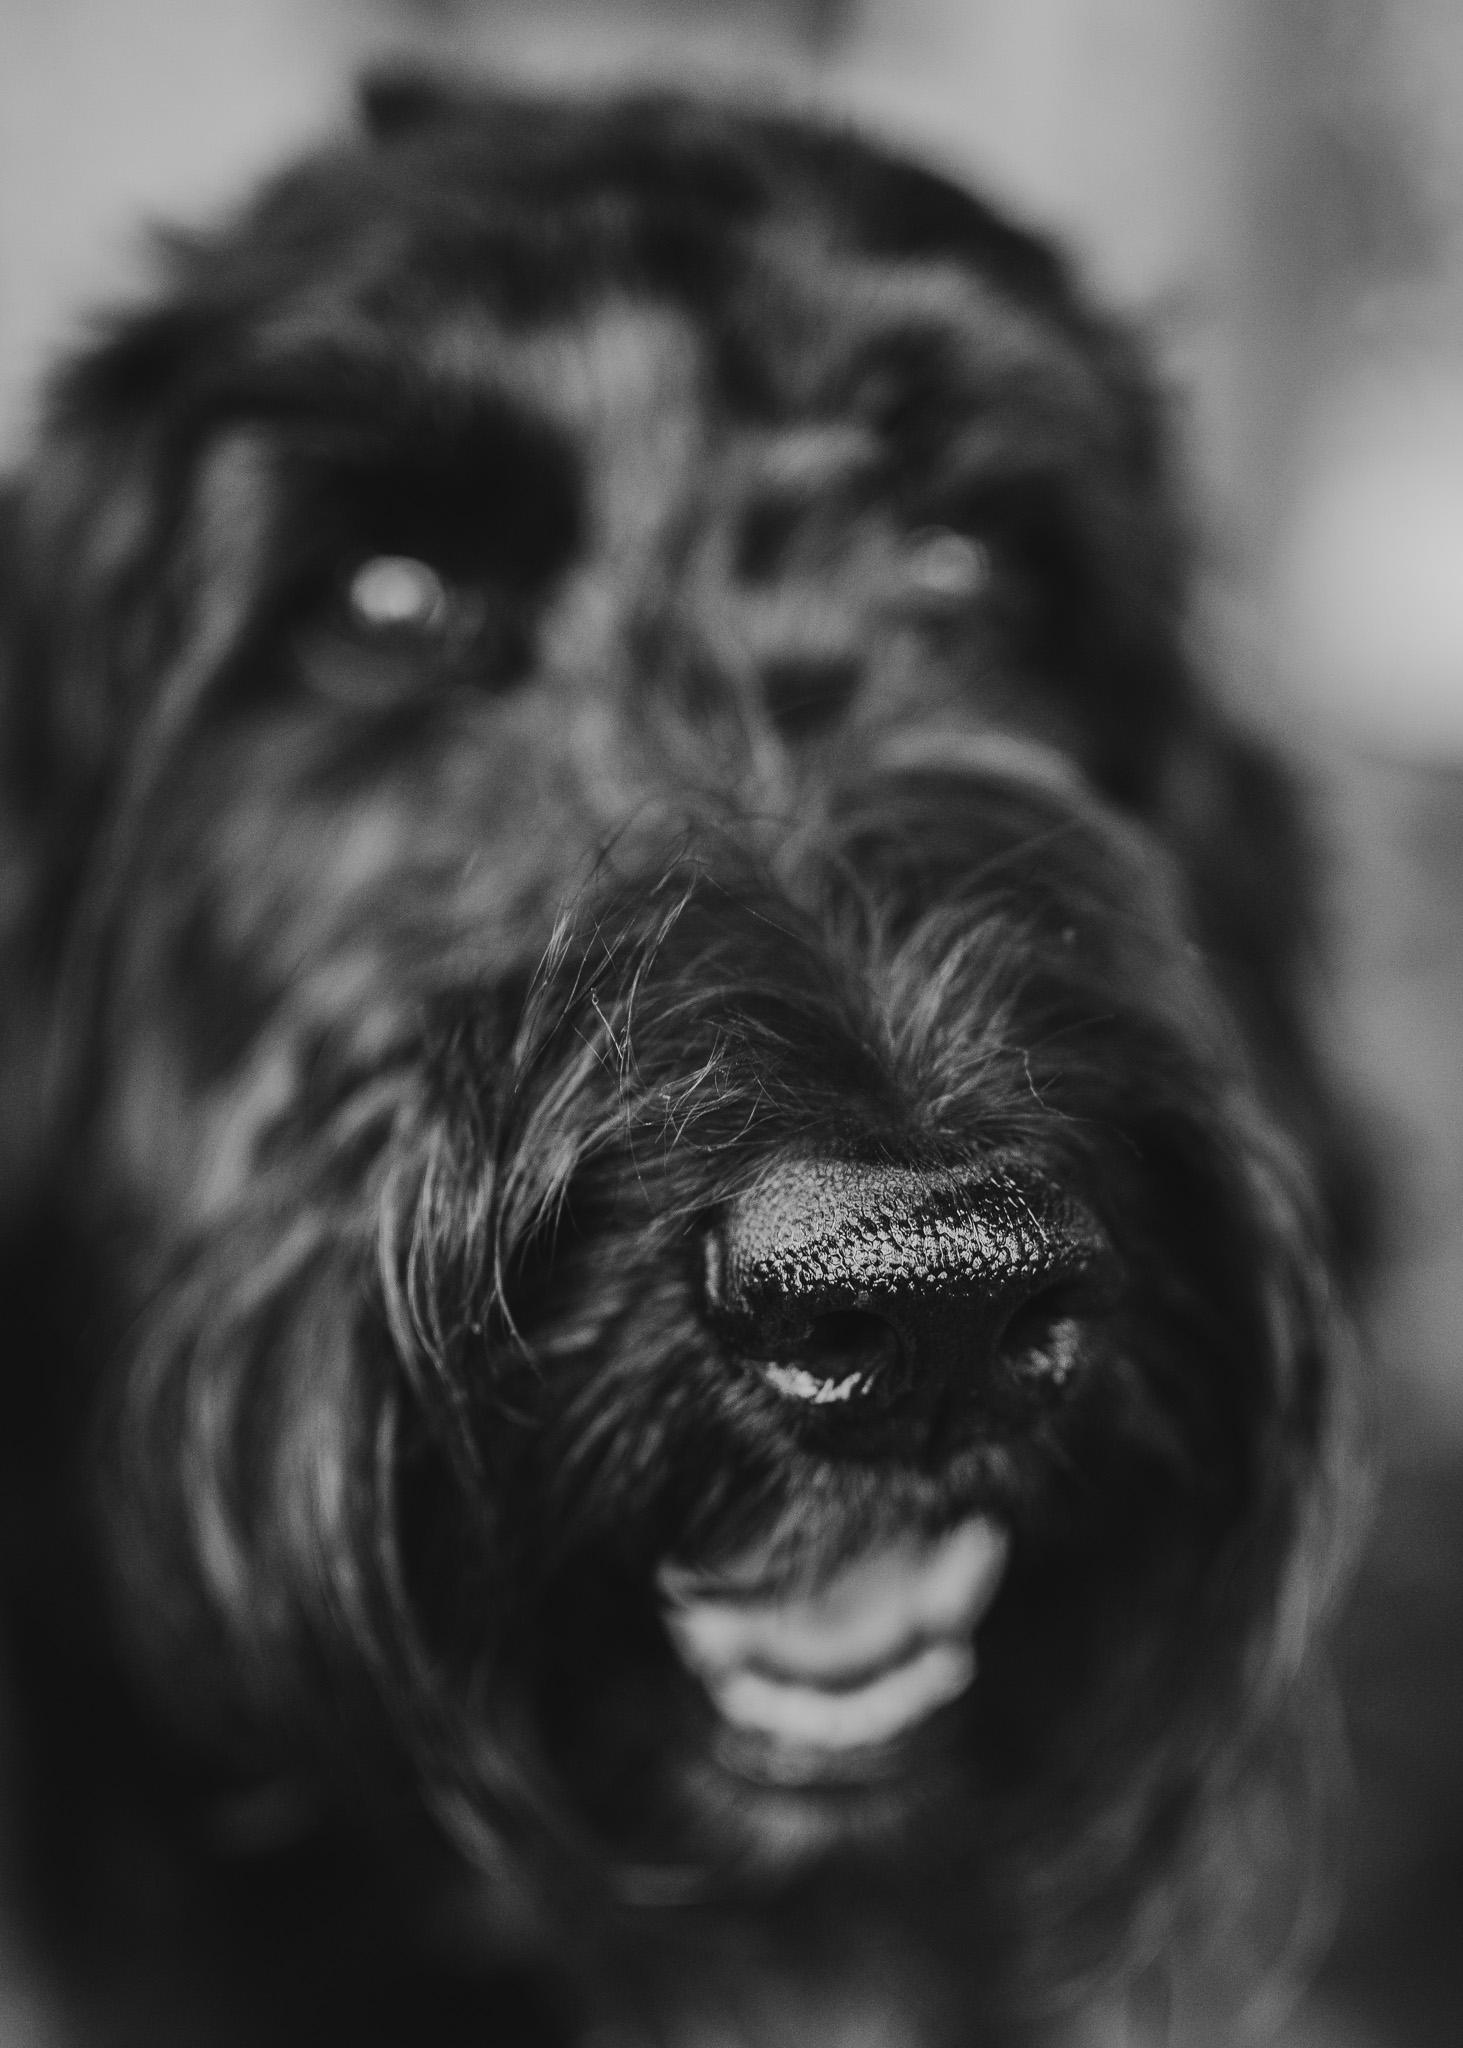 dog nose closeup